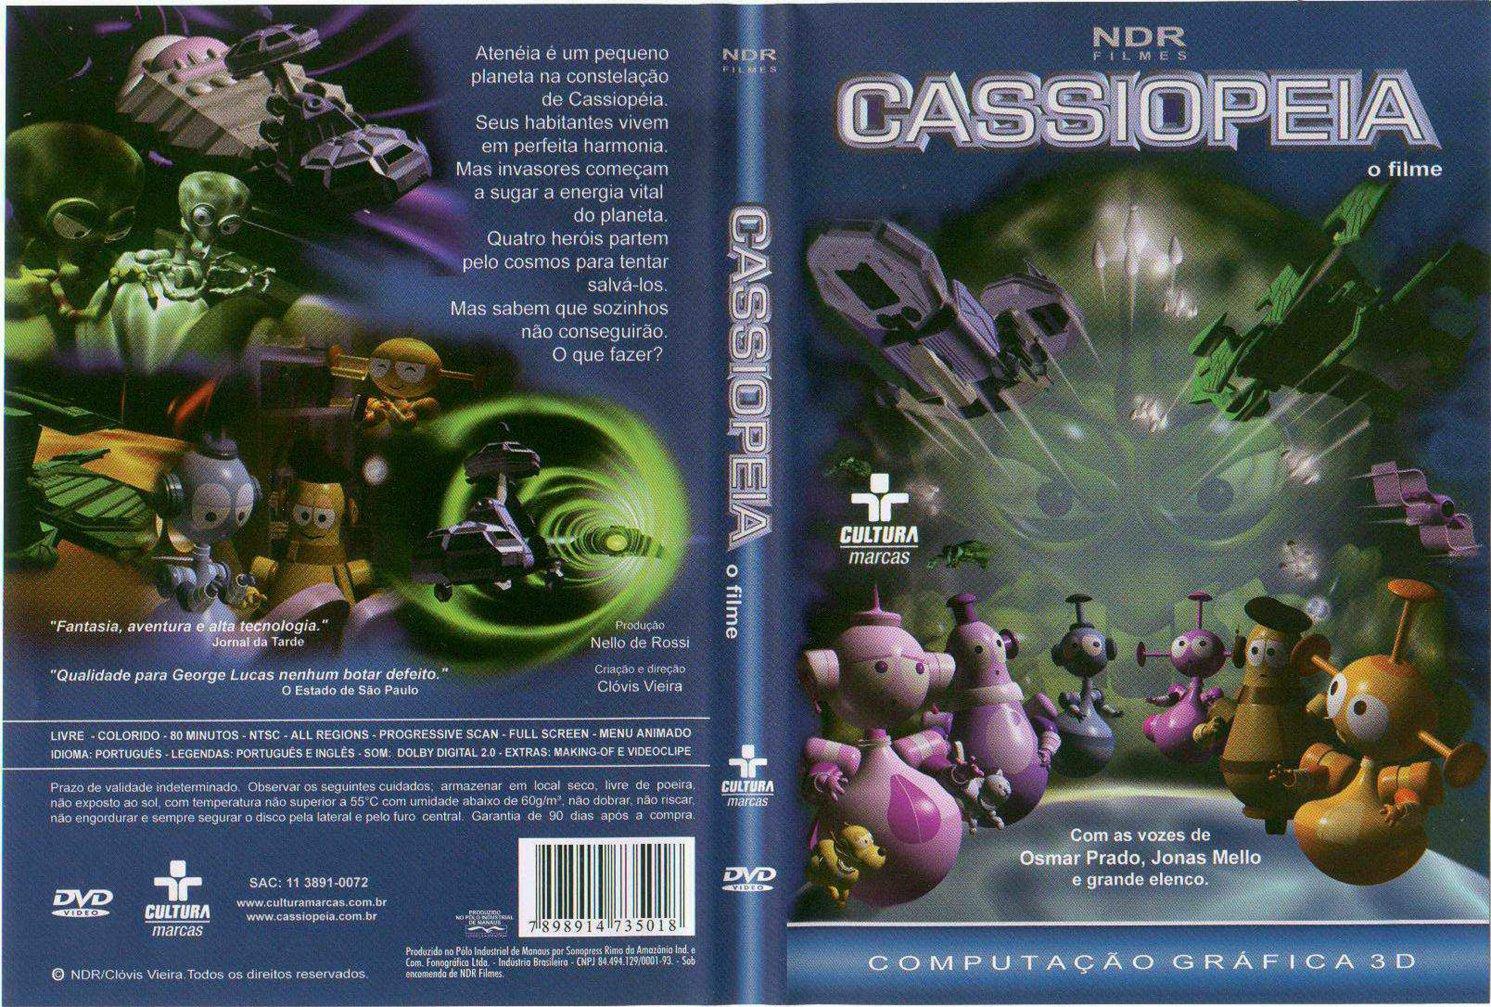 'Cassiopéia', 20 anos